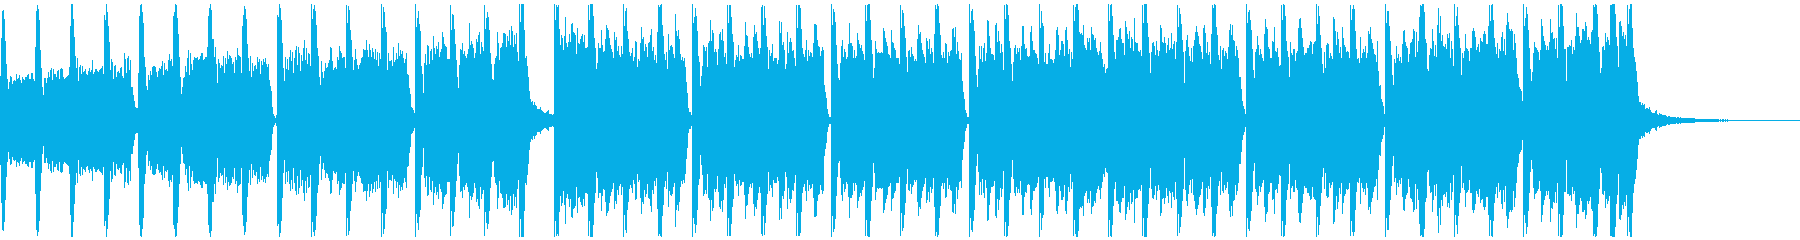 アクションスポーツ(30秒)の再生済みの波形